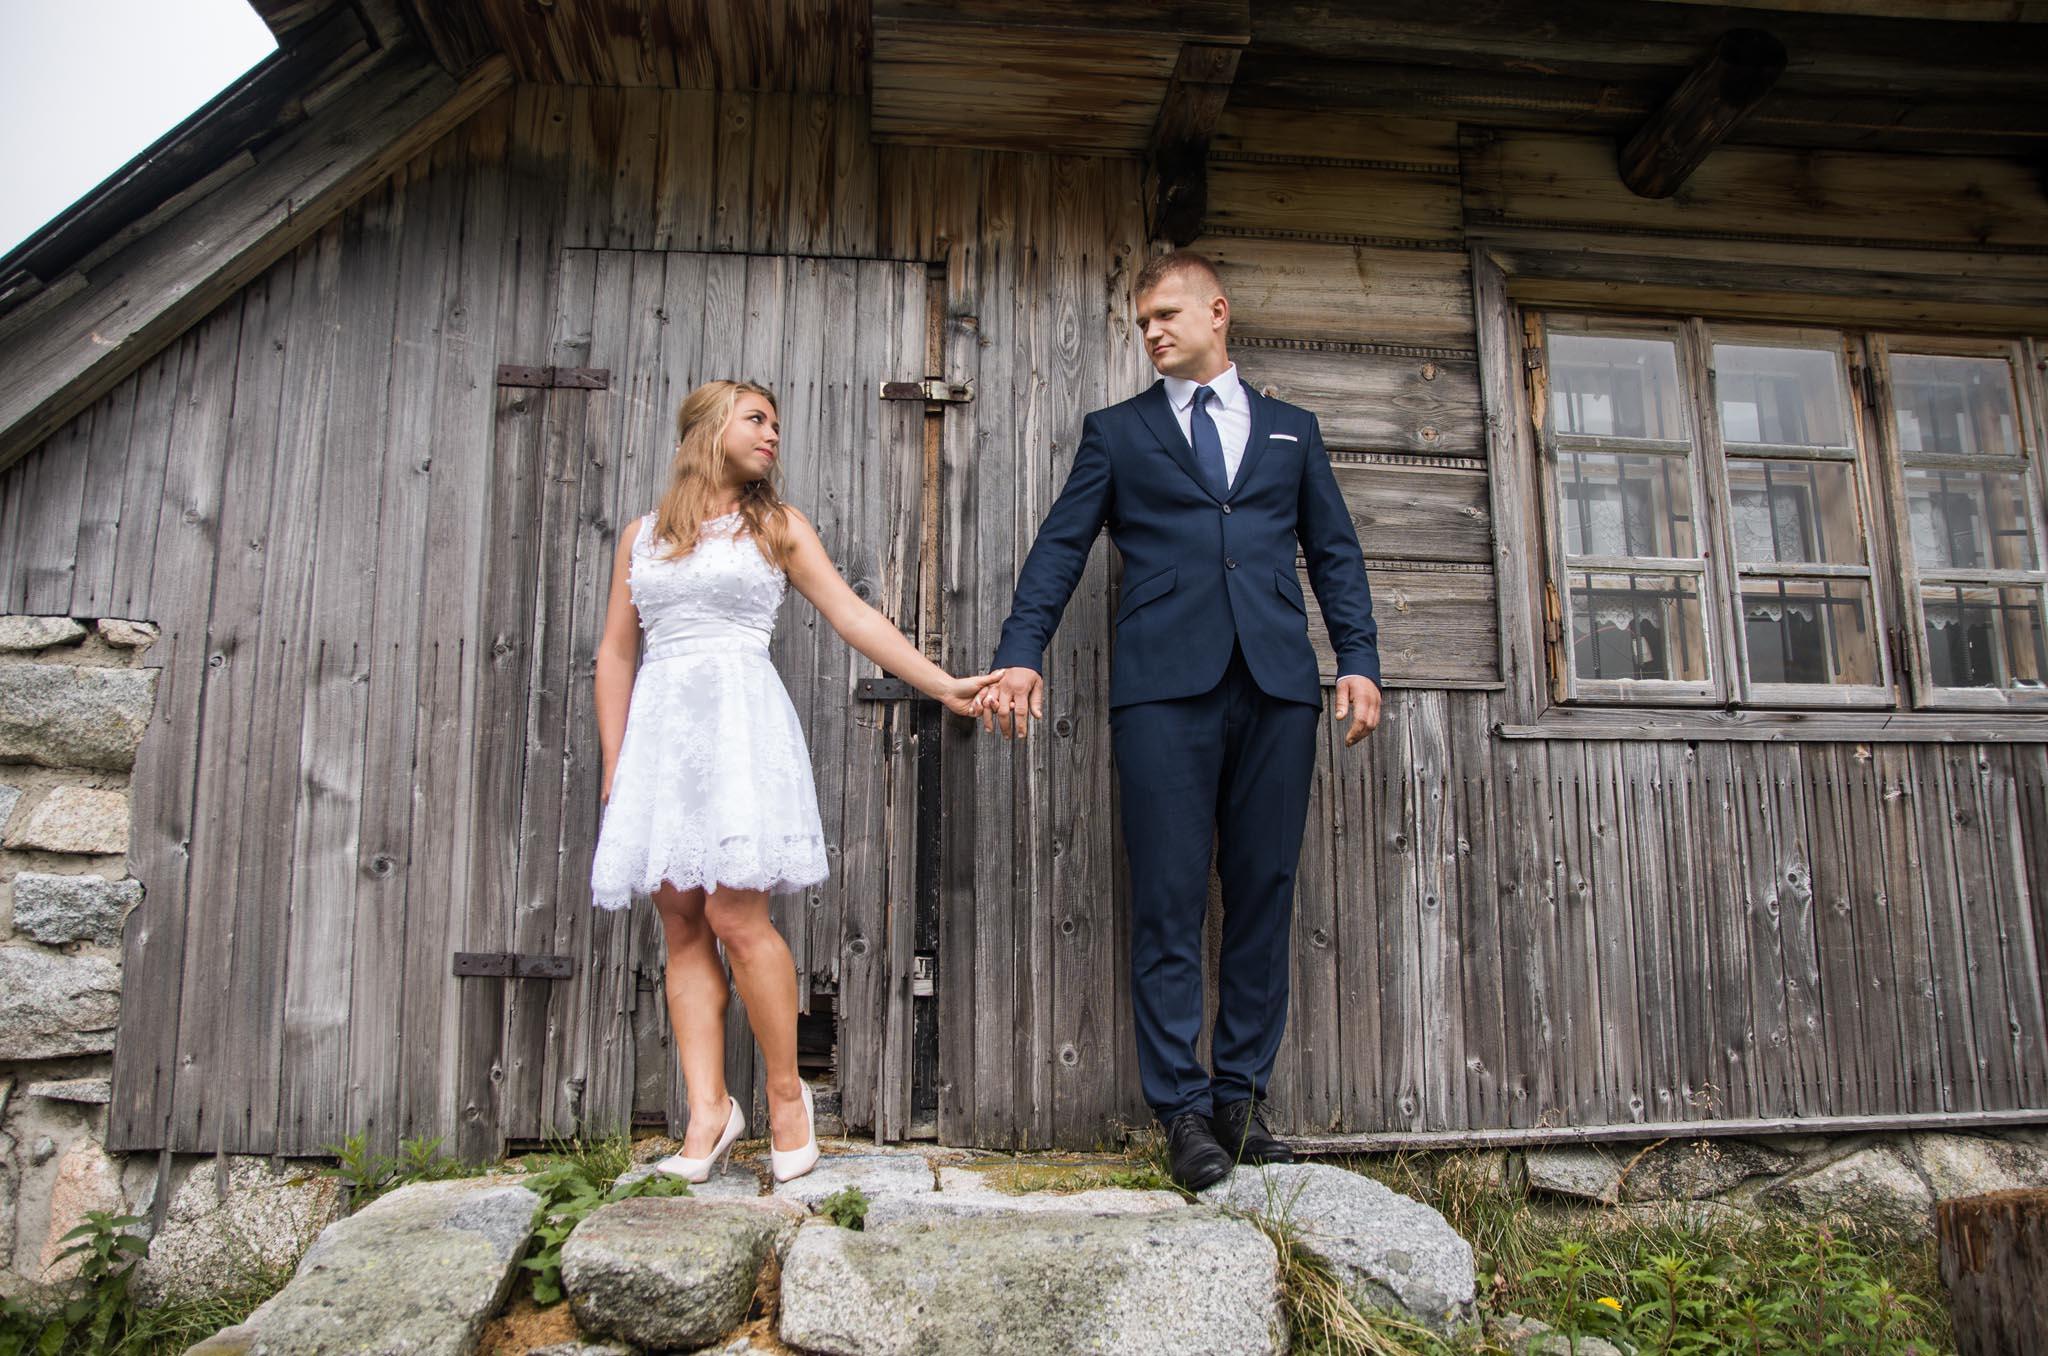 fotograf ślubny-Sesja ślubna w Tatrach